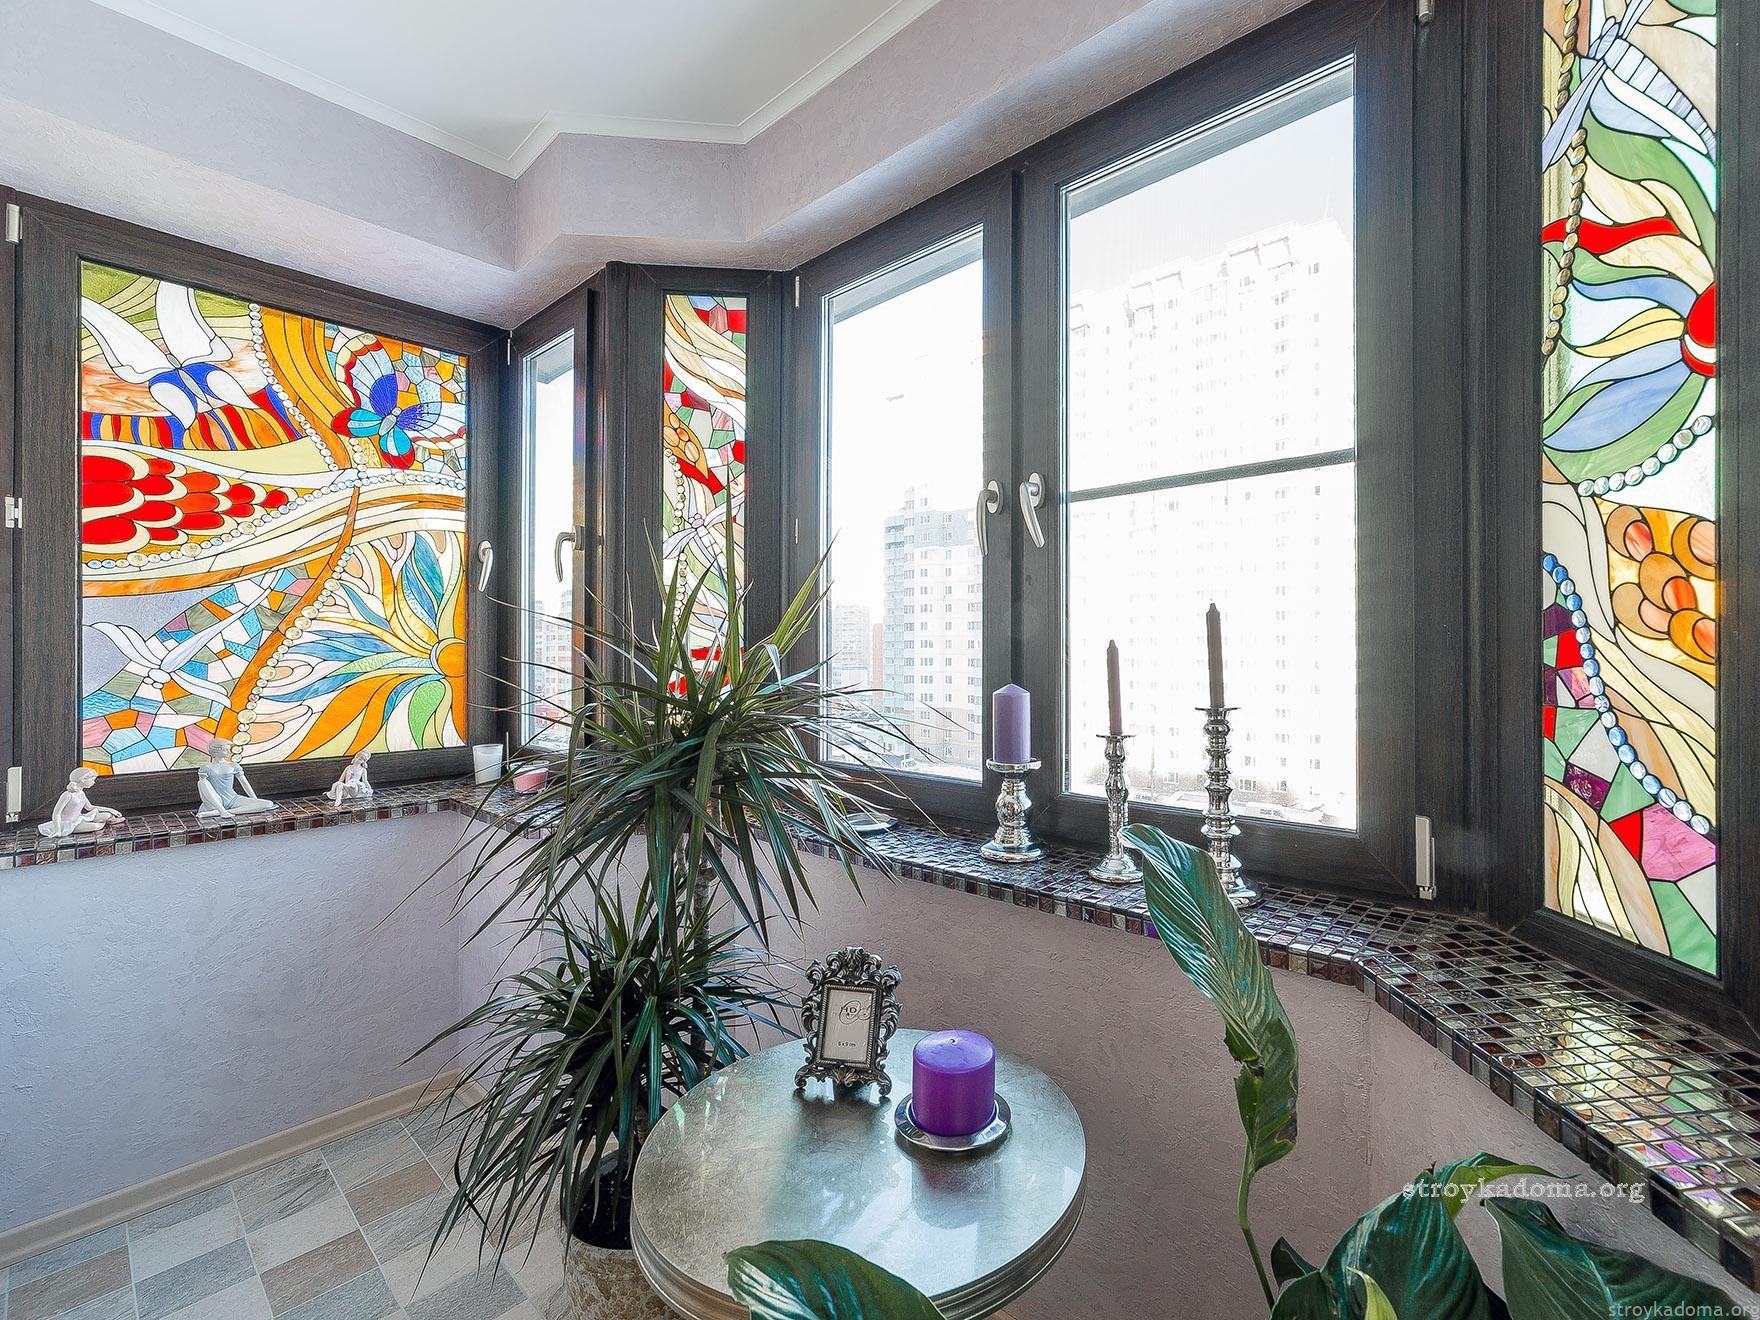 Интерьер балкона: дизайн лоджий и красивые фото.